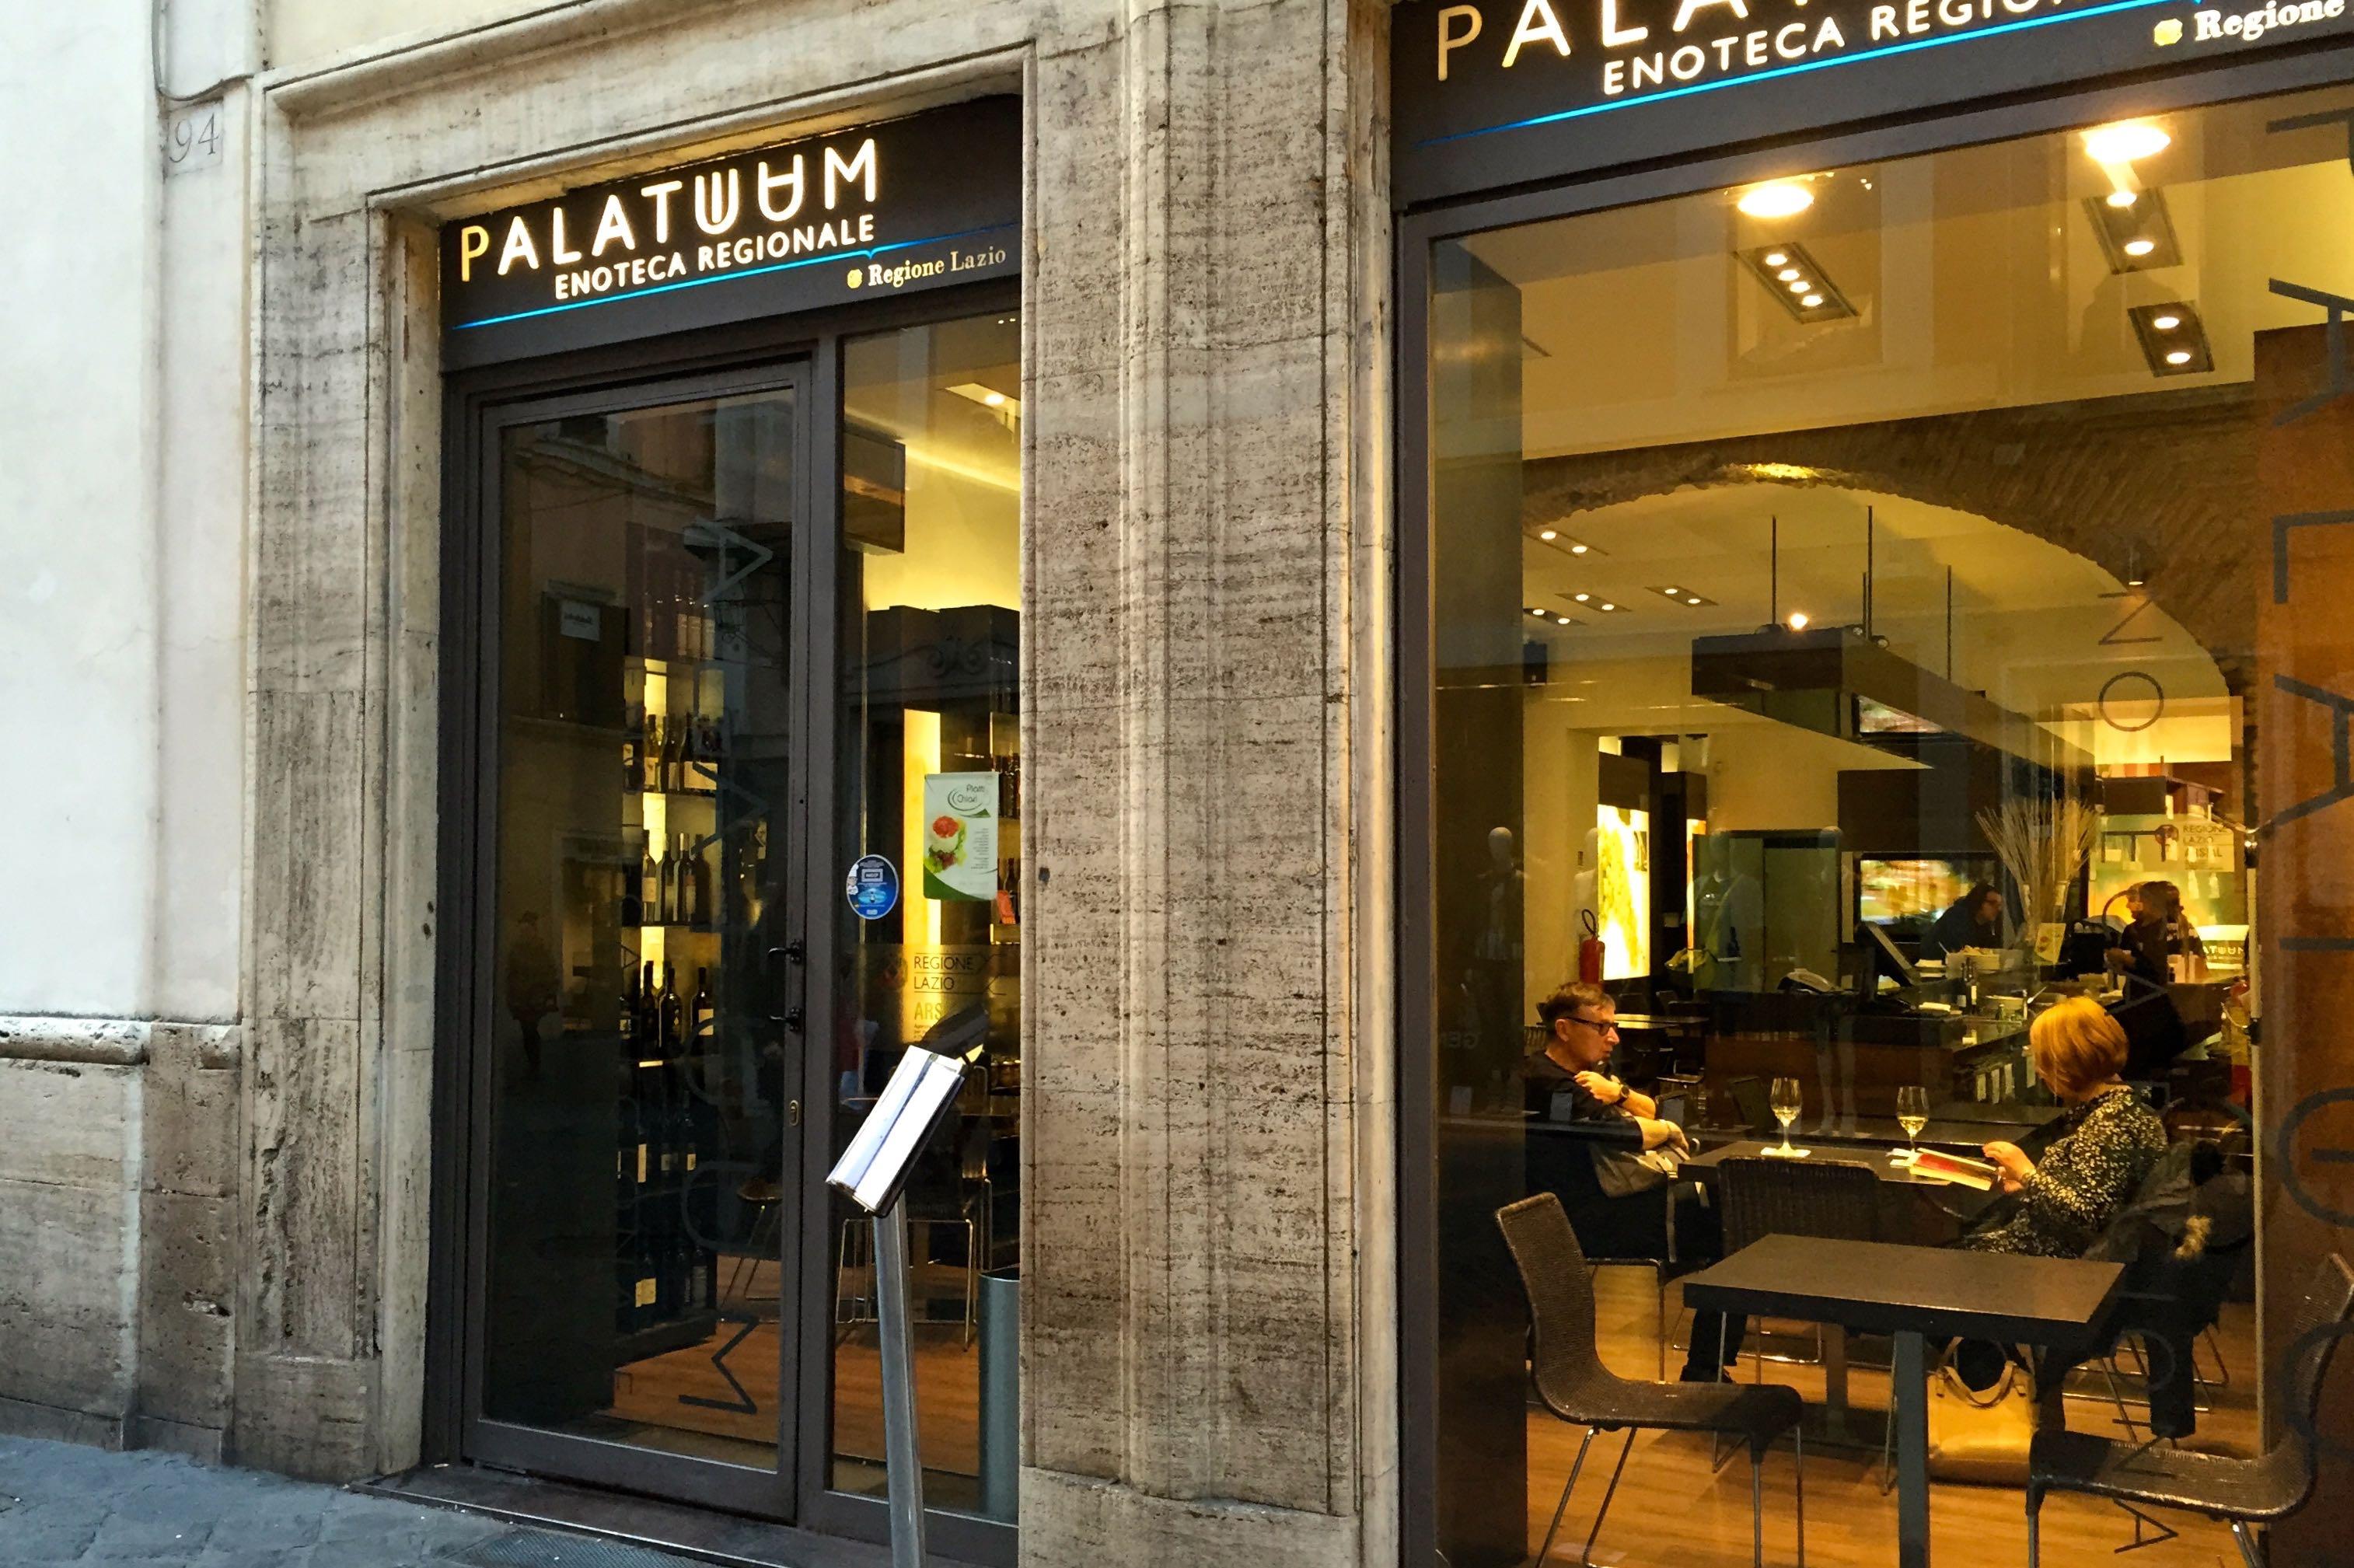 palatium exterior